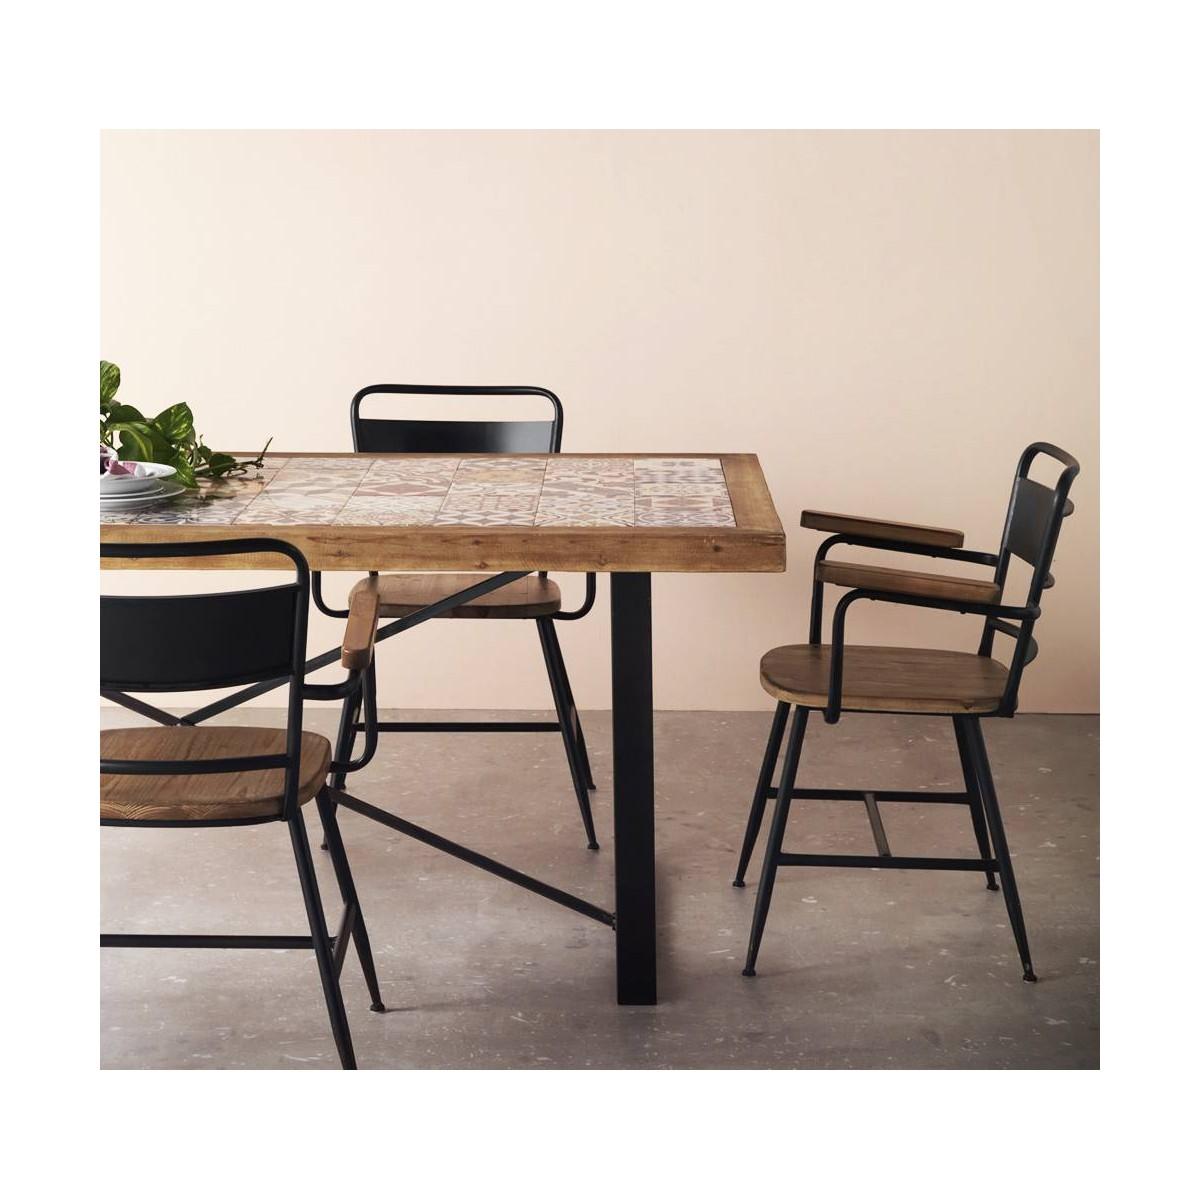 Mesa comedor madera cer mica vejar patas met licas for Patas de mesa metalicas